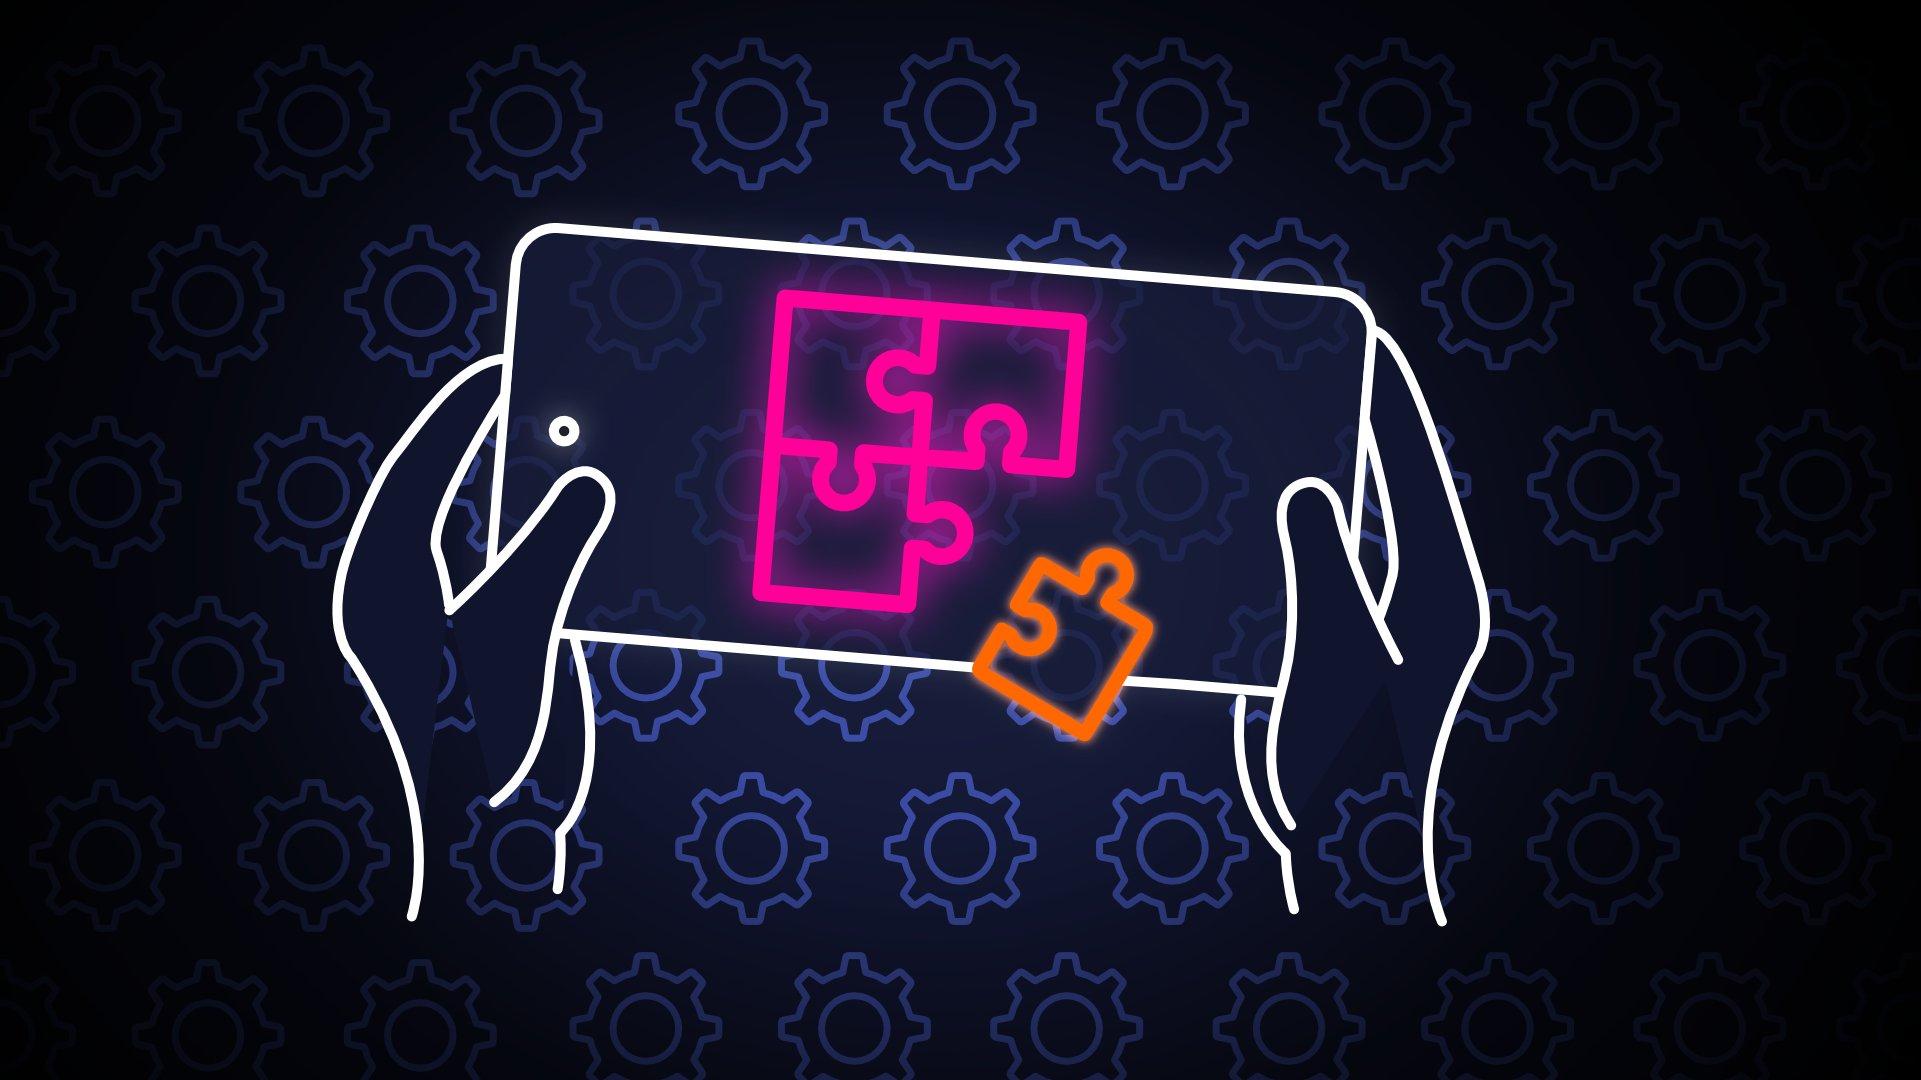 Les Meilleurs Jeux De Réflexion Gratuits Et Payants Sur Android dedans Puzzle Gratuit Pour Fille De 3 Ans